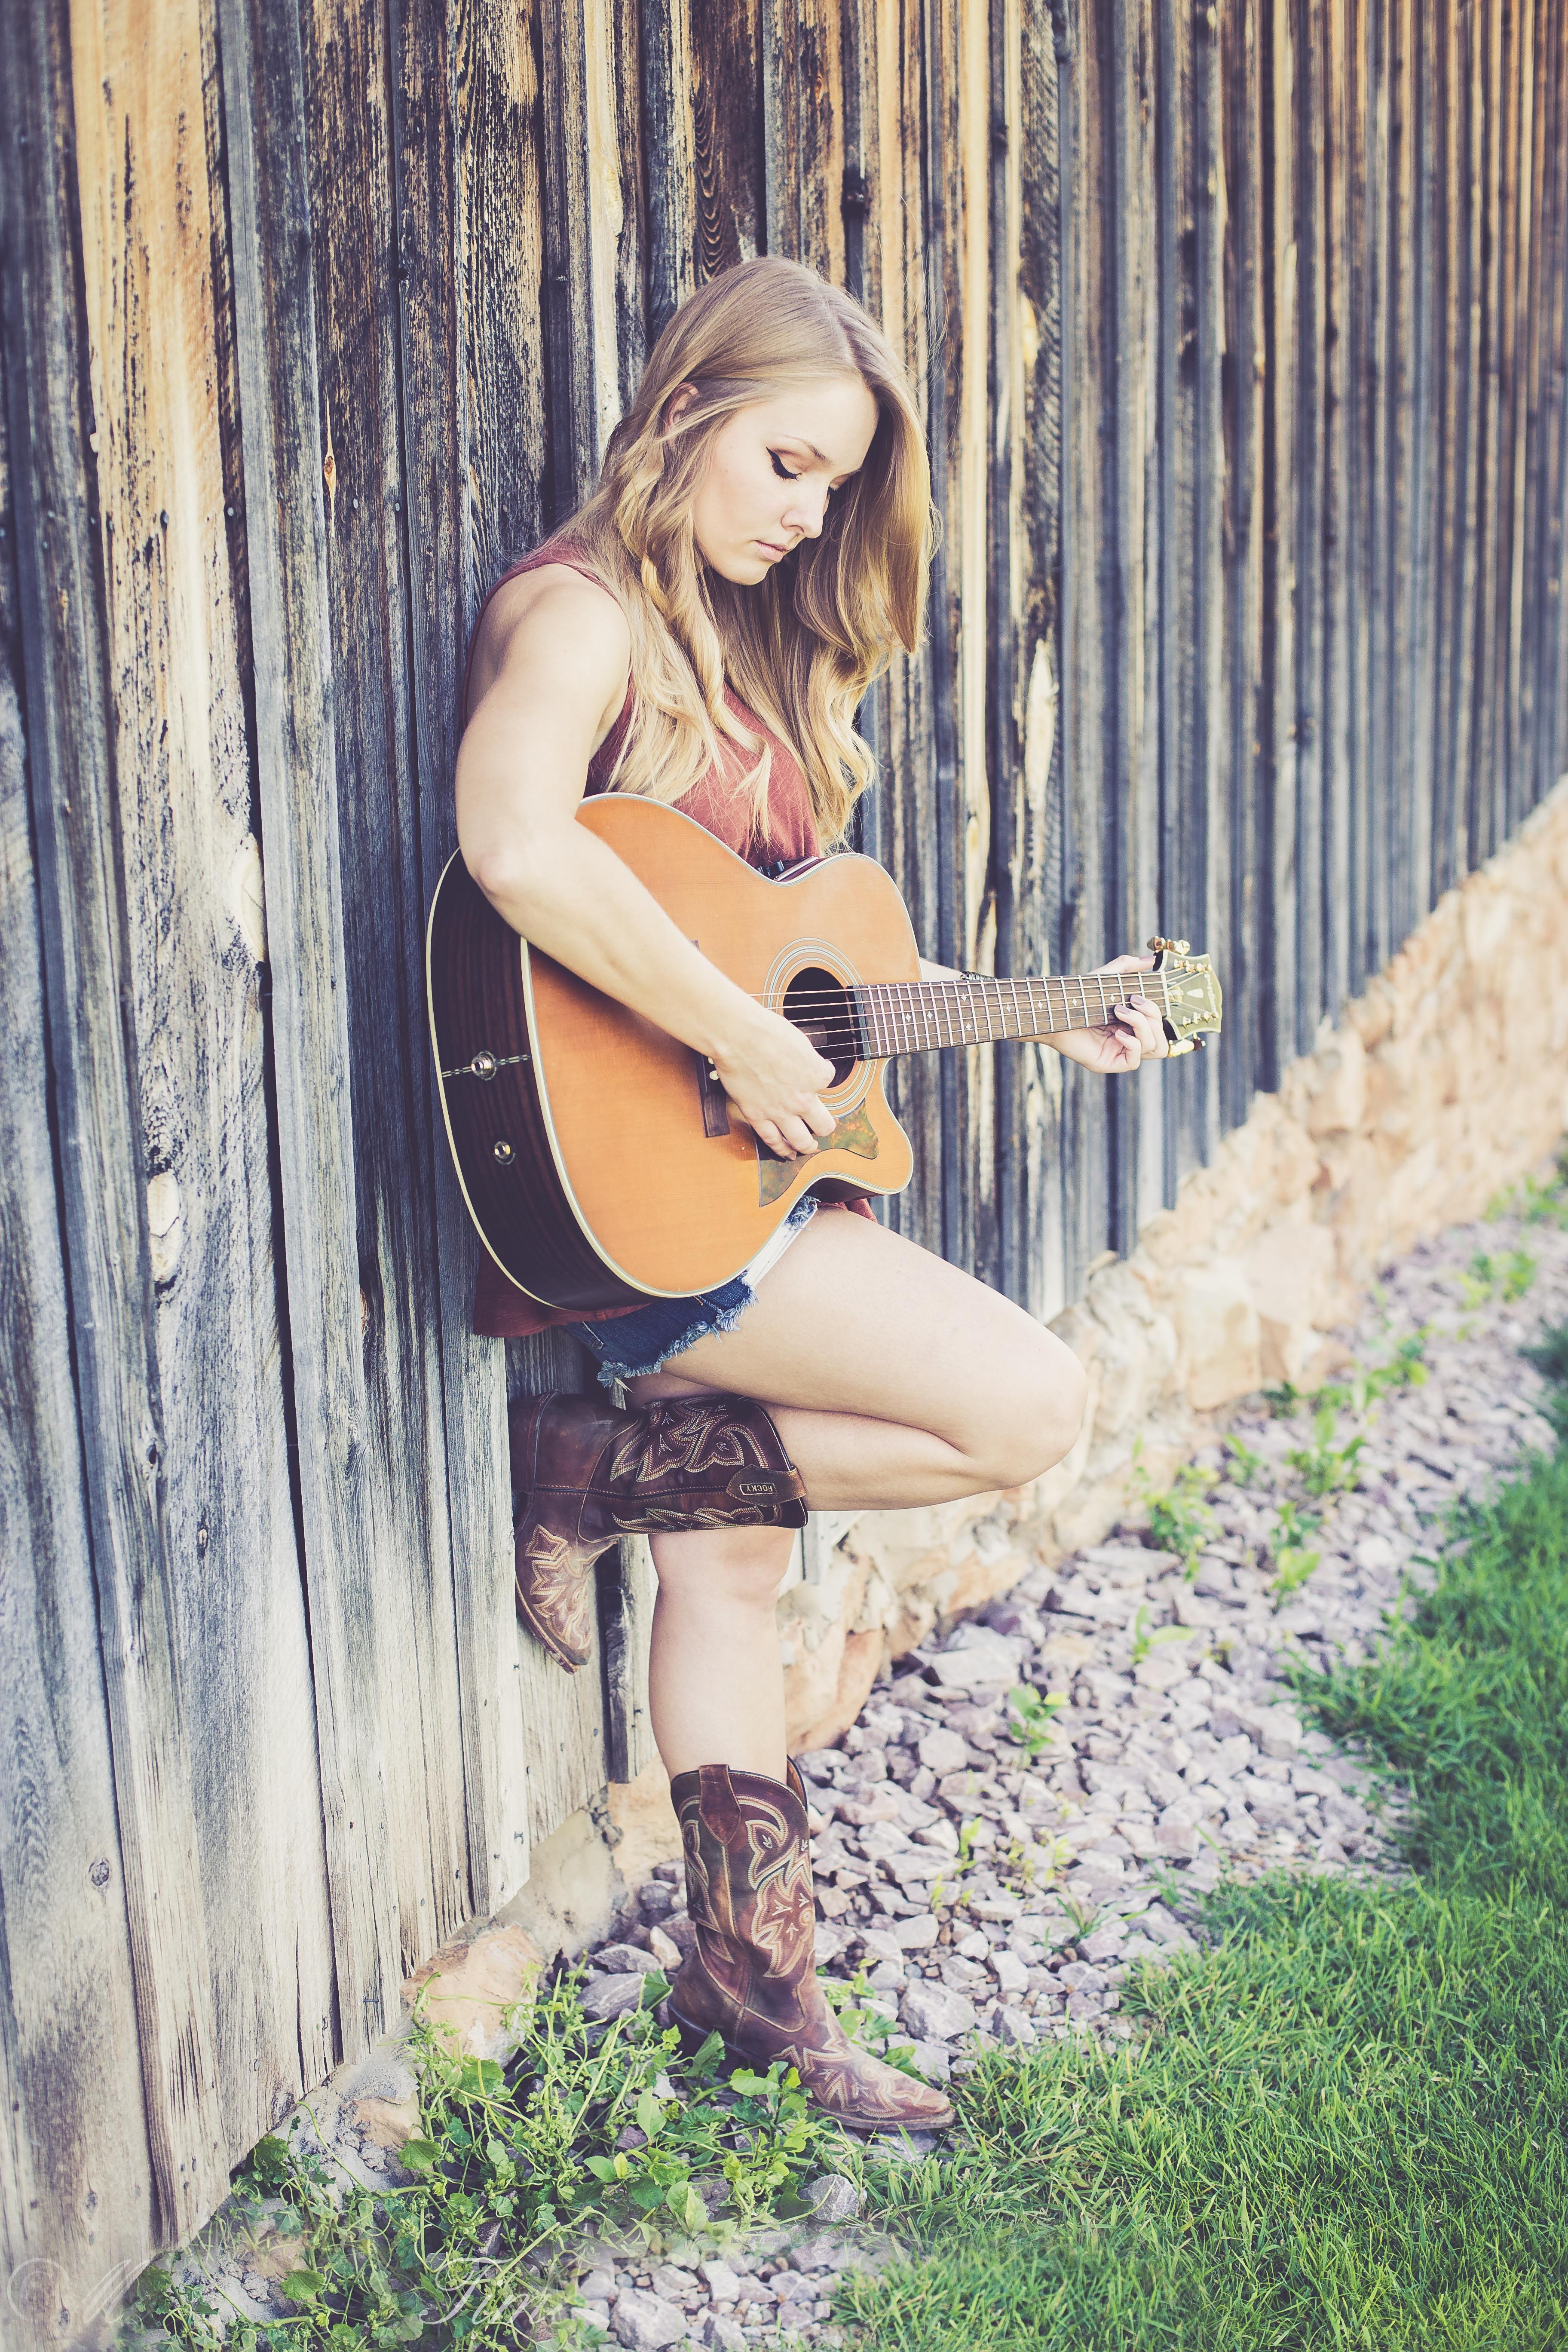 Guitar Womans Body Art